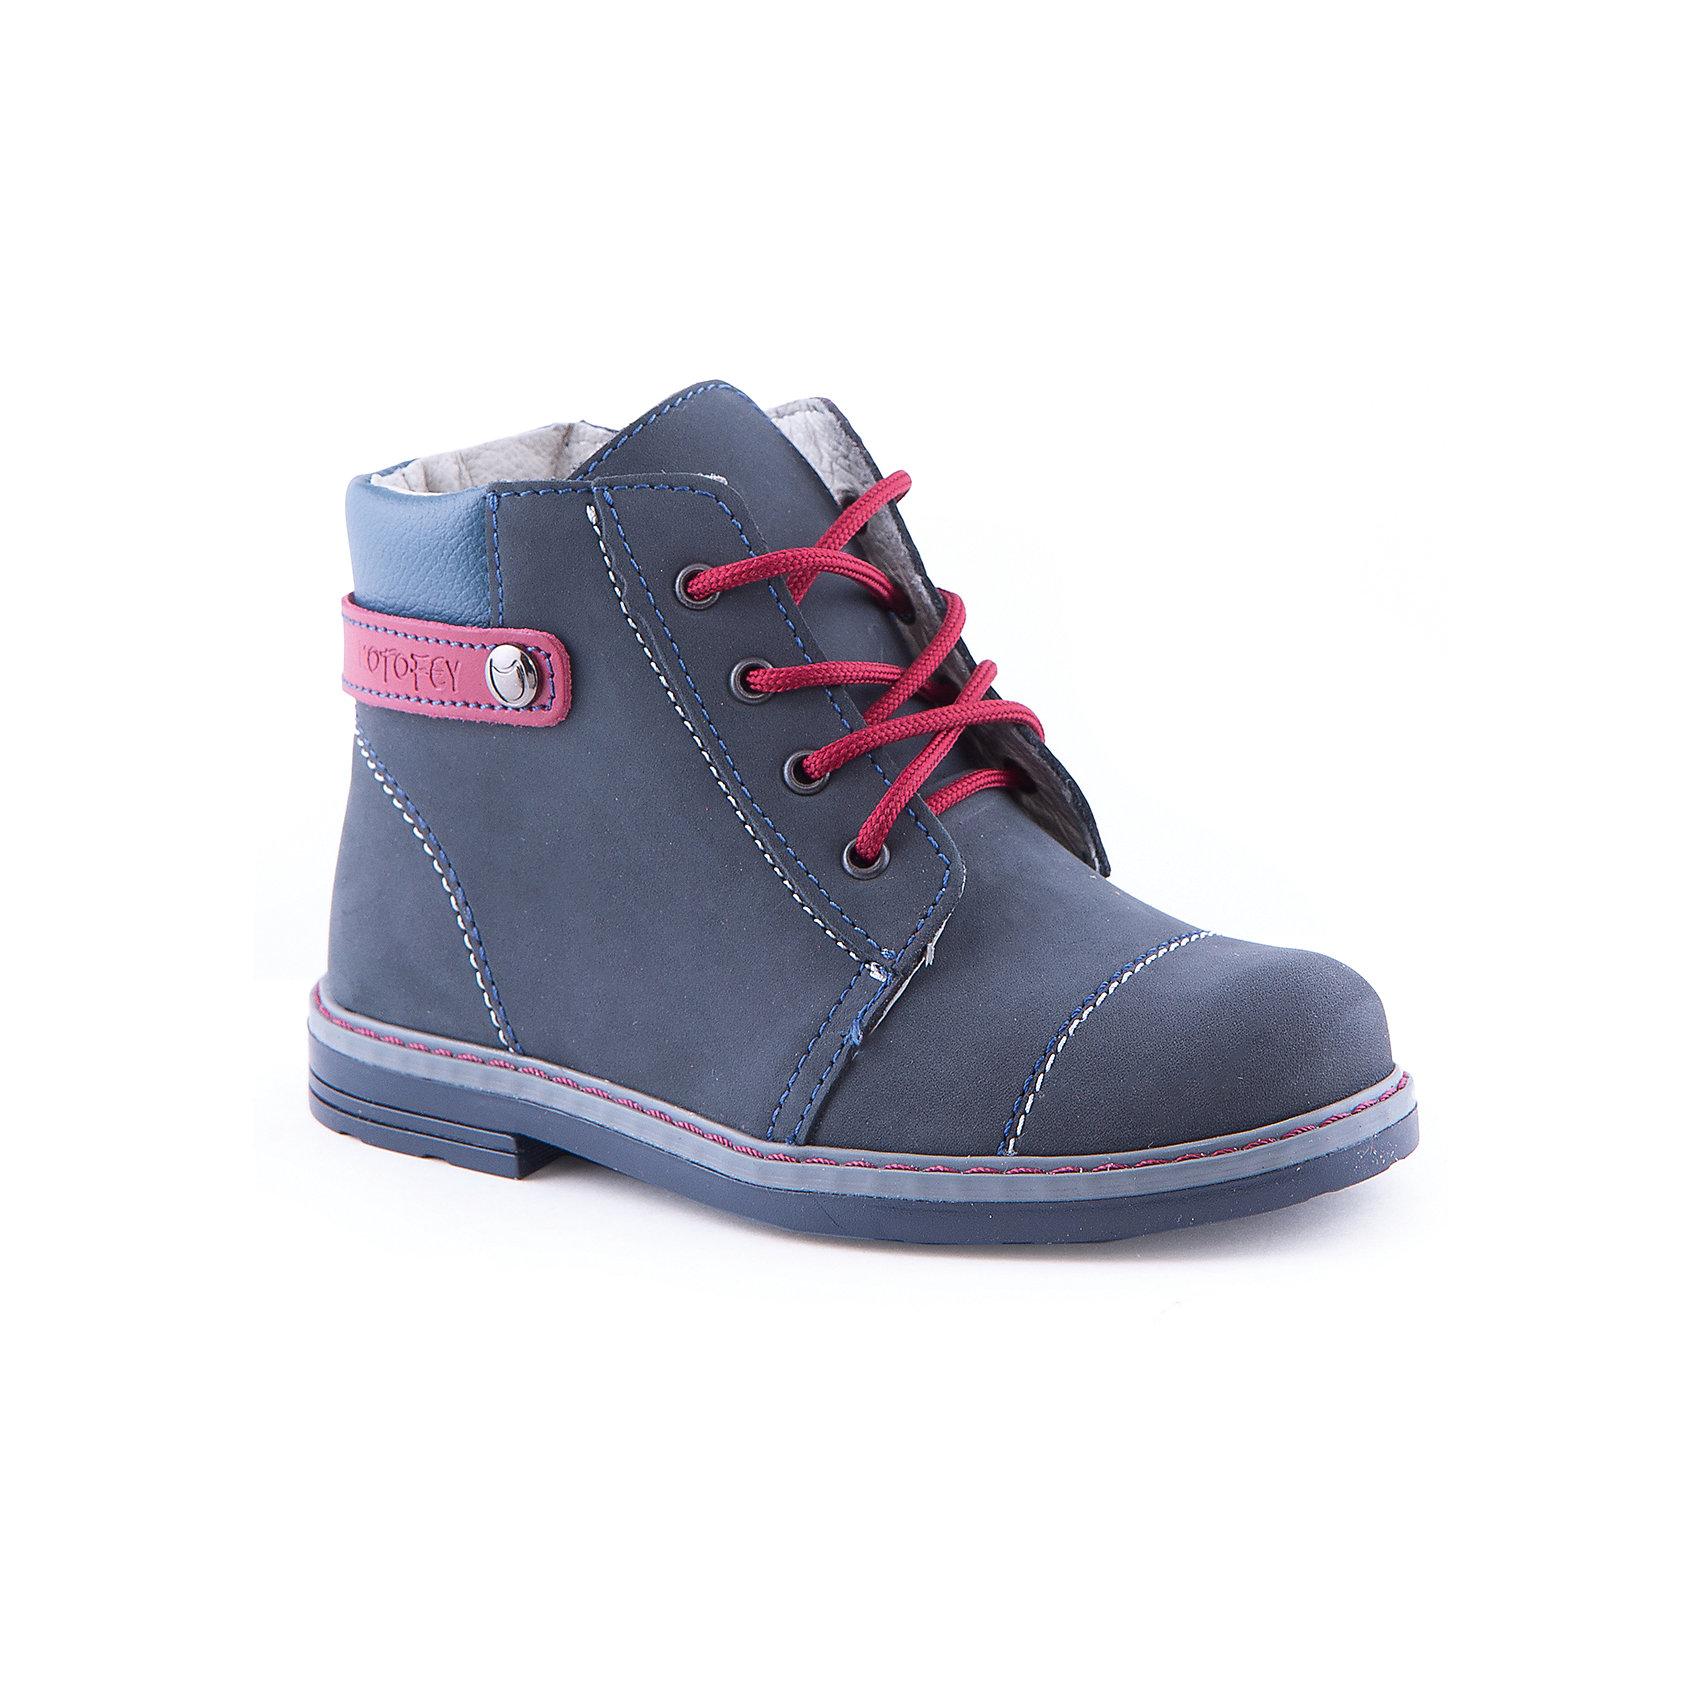 Ботинки для мальчика КотофейБотинки для мальчика от известного российского бренда Котофей<br><br>Модные ботинки помогут защитить детские ножки от сырости и холода осенью или весной. Они легко надеваются, комфортно садятся по ноге. <br>Изделия украшены яркой красной шнуровкой, помимо нее, на ботинках есть удобная боковая молния.<br><br>Особенности модели:<br><br>- цвет - синий;<br>- молния сбоку;<br>- замшевая фактура;<br>- натуральная кожа;<br>- комфортная колодка;<br>- вид крепления – клеевой;<br>- защита пятки;<br>- амортизирующая устойчивая подошва;<br>- шнуровка.<br><br>Дополнительная информация:<br><br>Температурный режим:<br><br>от +5° С до +15° С<br><br>Состав:<br>верх – натуральная кожа;<br>подкладка - натуральная кожа;<br>подошва - ТЭП.<br><br>Ботинки для мальчика Котофей можно купить в нашем магазине.<br><br>Ширина мм: 262<br>Глубина мм: 176<br>Высота мм: 97<br>Вес г: 427<br>Цвет: синий<br>Возраст от месяцев: 72<br>Возраст до месяцев: 84<br>Пол: Мужской<br>Возраст: Детский<br>Размер: 30,28,27,29,31<br>SKU: 4565685